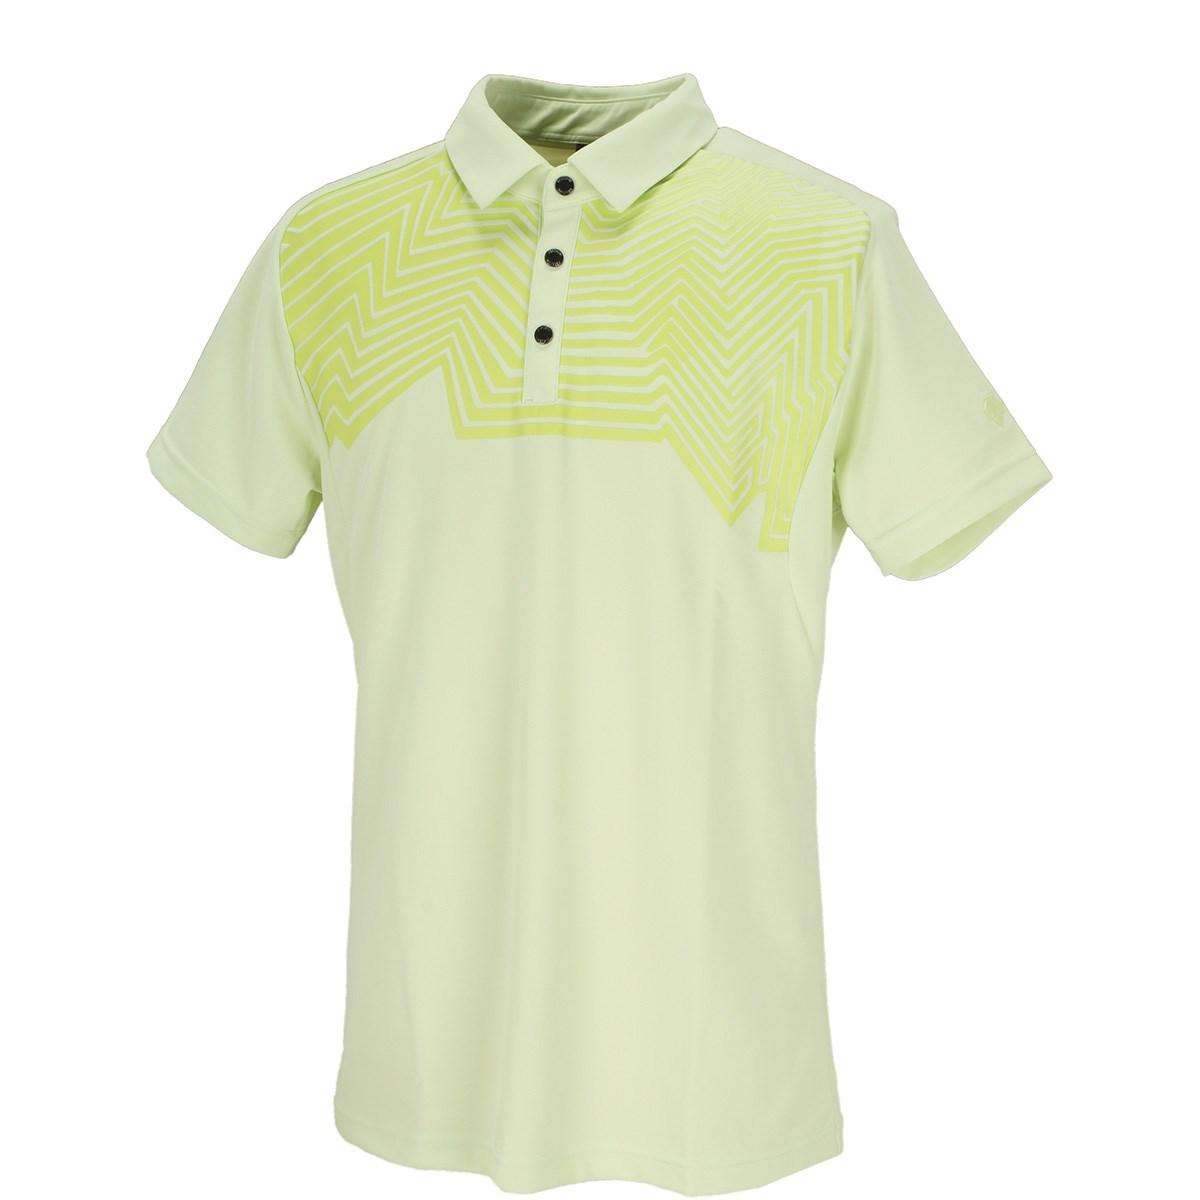 デサントゴルフ(DESCENTE GOLF) クーリストドライキューブ枯山水プリント 半袖ポロシャツ